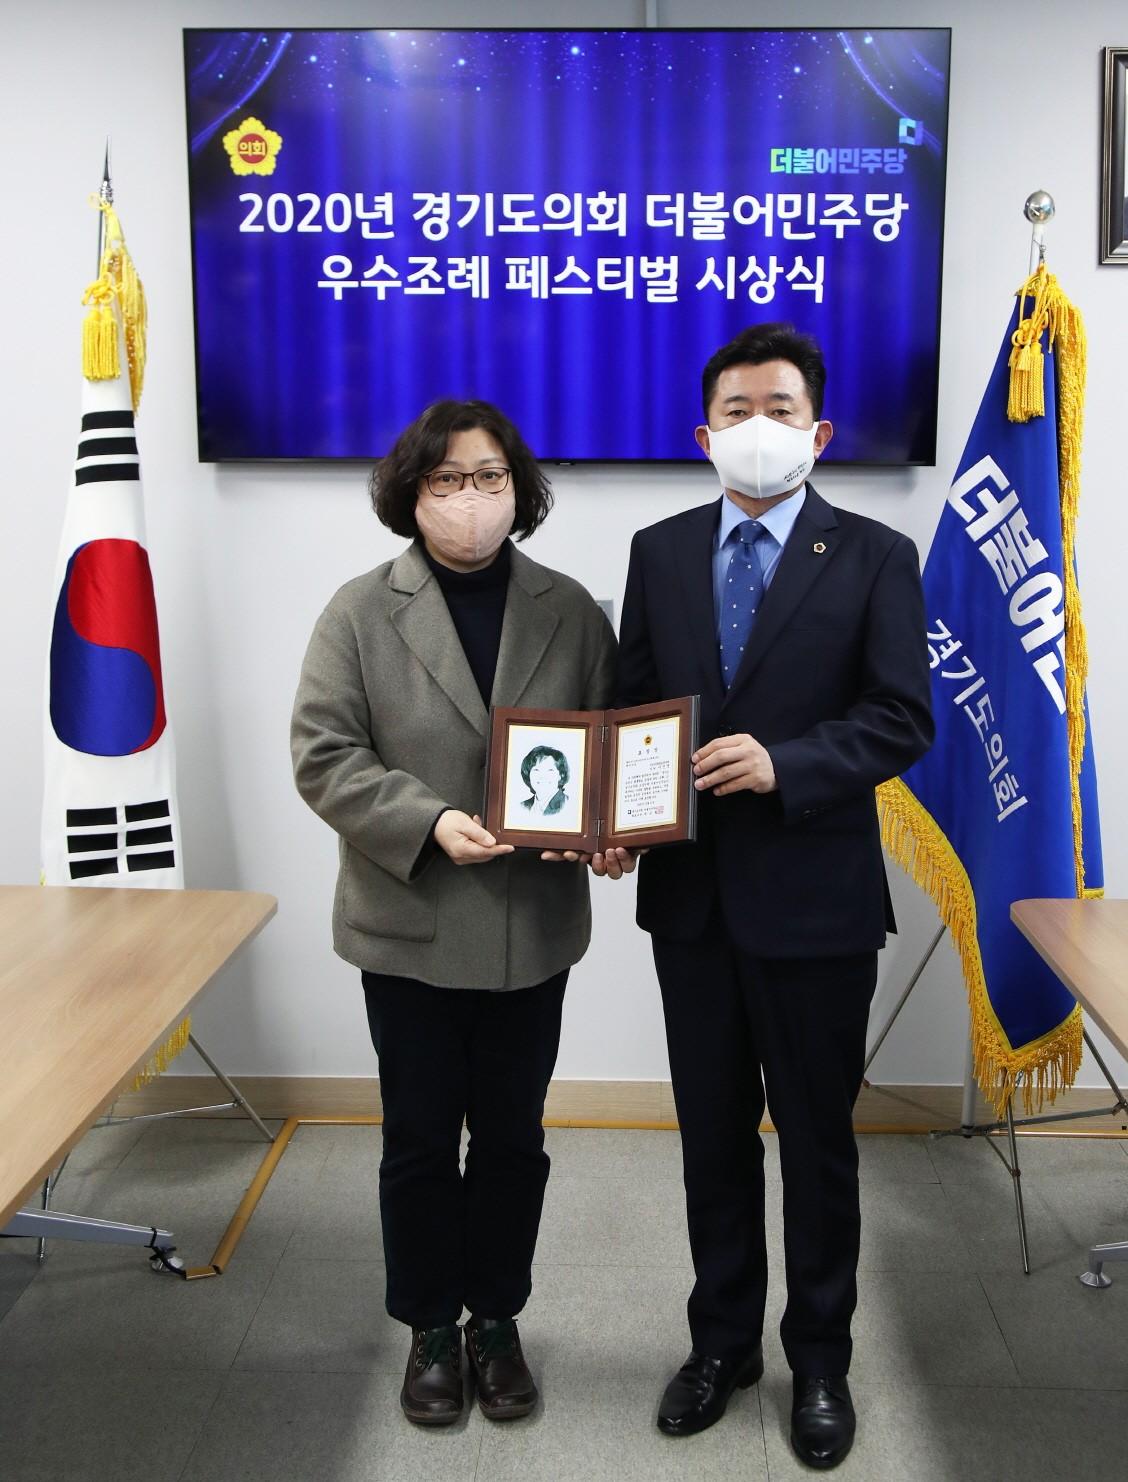 이진연 도의원, 경기도의회 교섭단체 우수조례 페스티벌 최우수상 수상